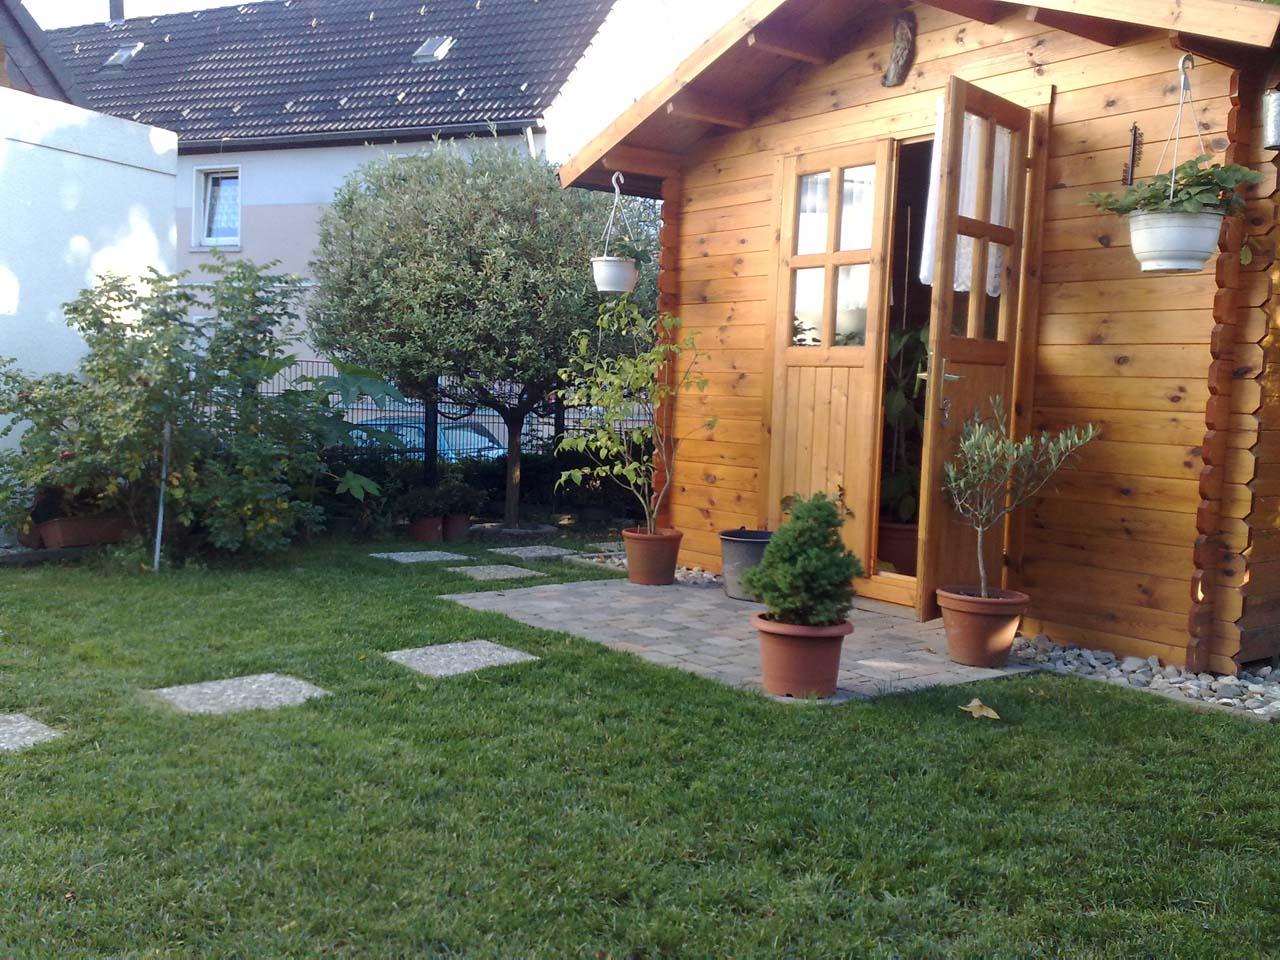 Gartenhaus Gestalten aufbau des gartenhauses sowie gestaltung der umliegenden flächen